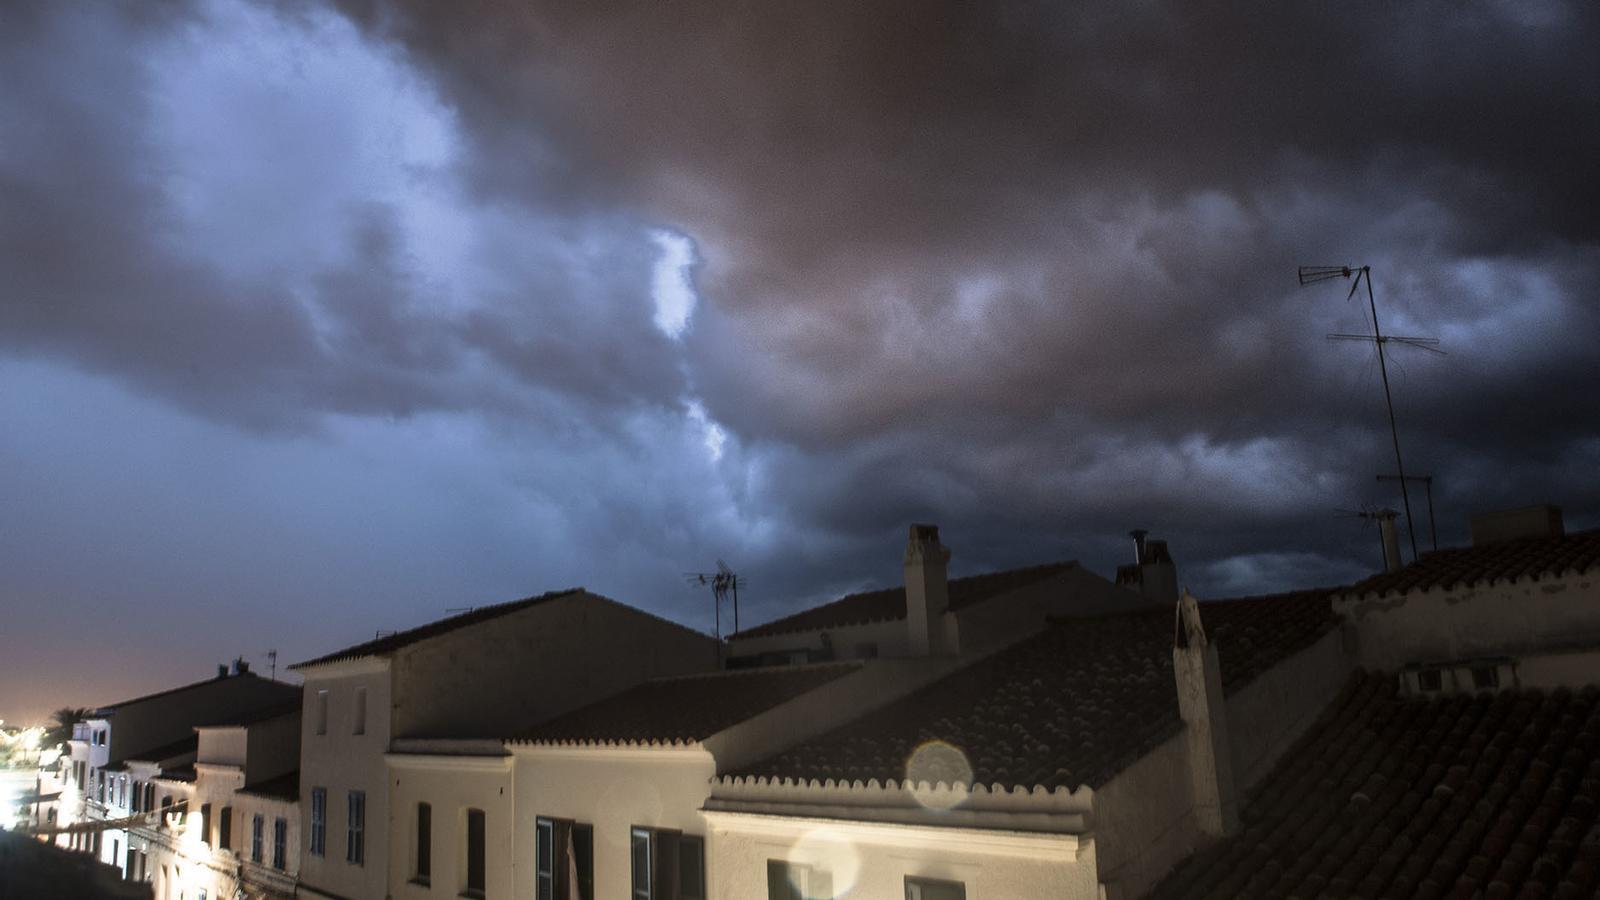 La tempesta aquesta nit a Sant Lluís, Menorca.